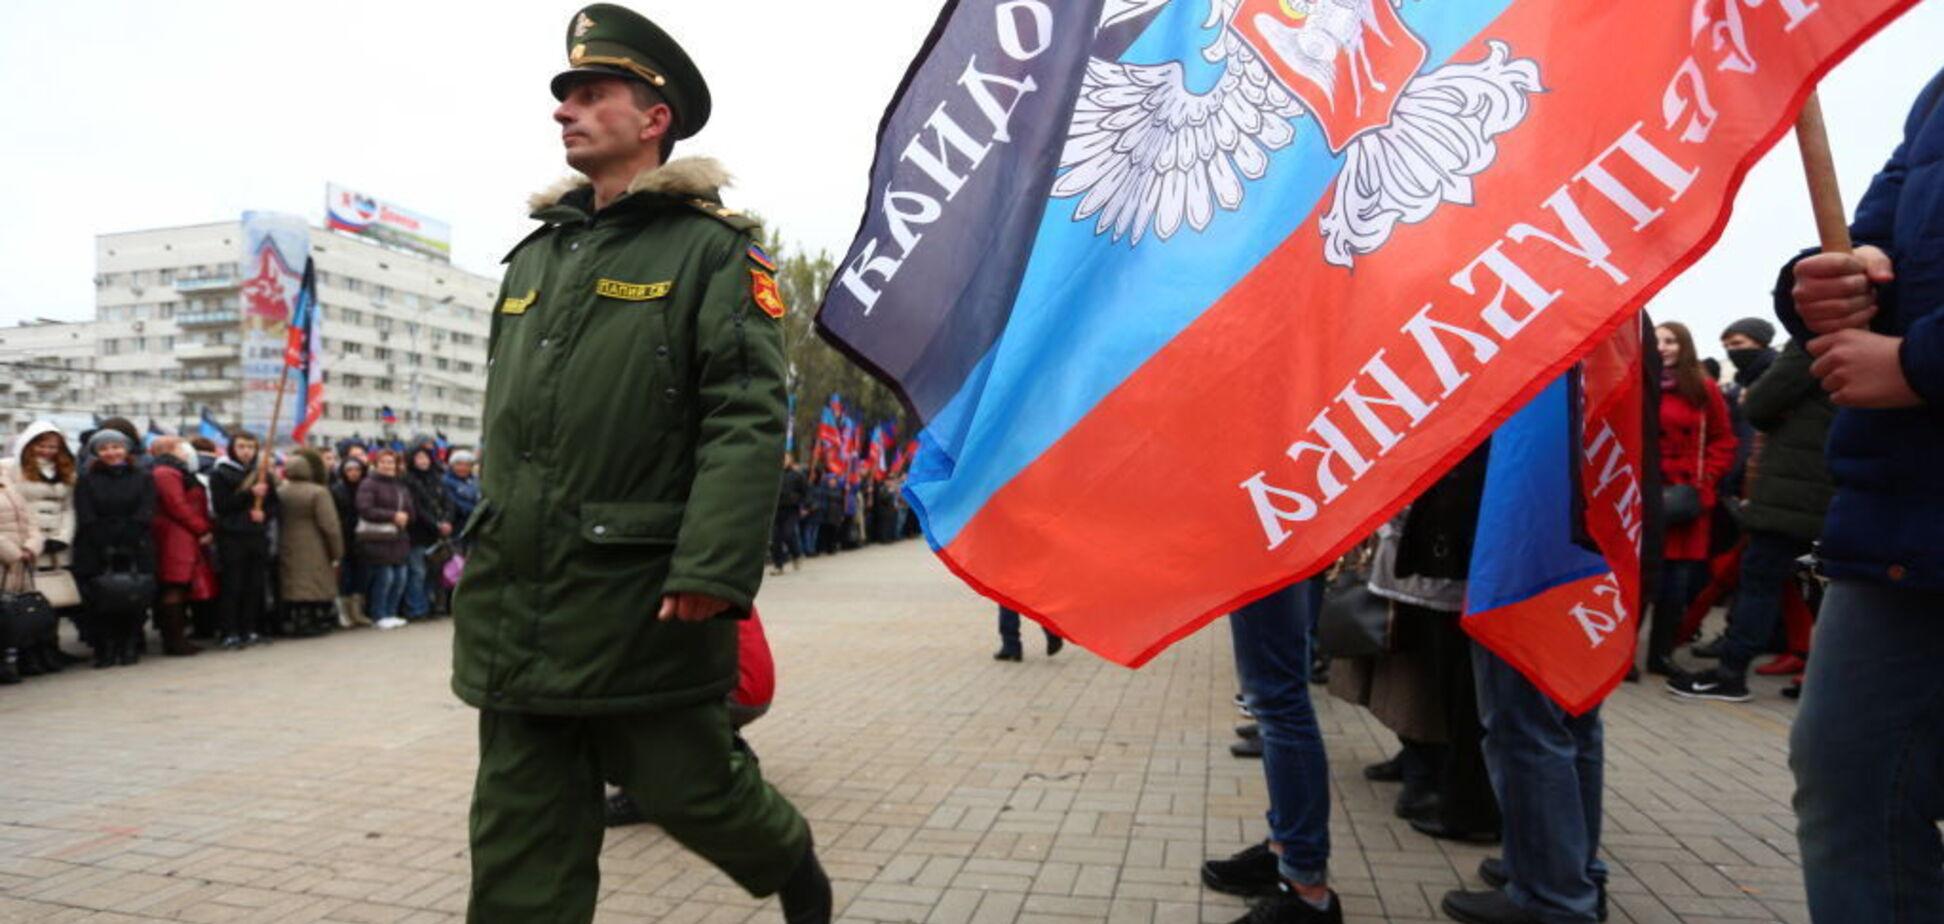 'Виноват Майдан': жители ОРДЛО поразили ответом на вопрос о войне на Донбассе